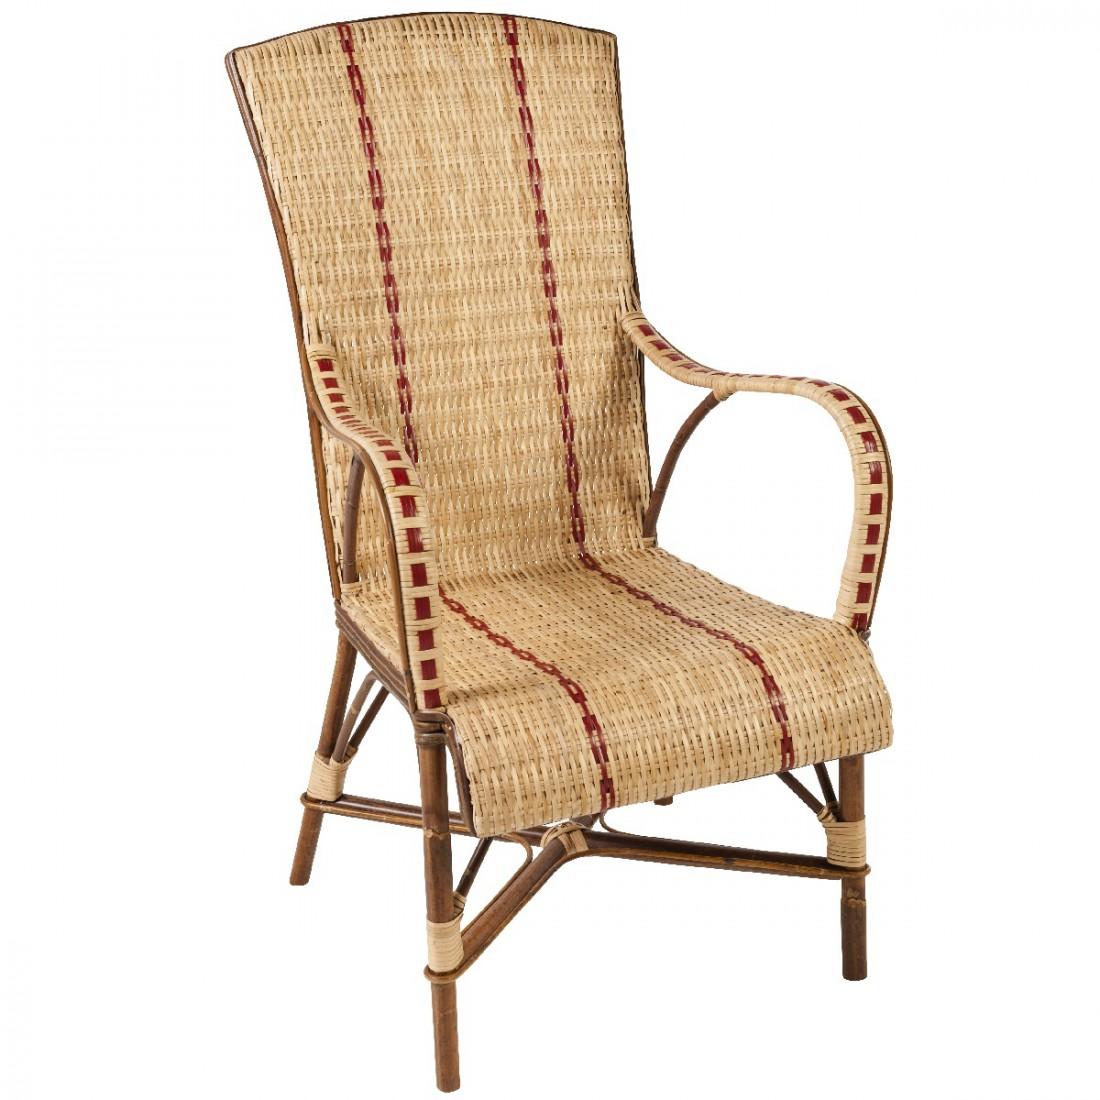 fauteuil en rotin haut dossier bagatelle fauteuil rotin. Black Bedroom Furniture Sets. Home Design Ideas